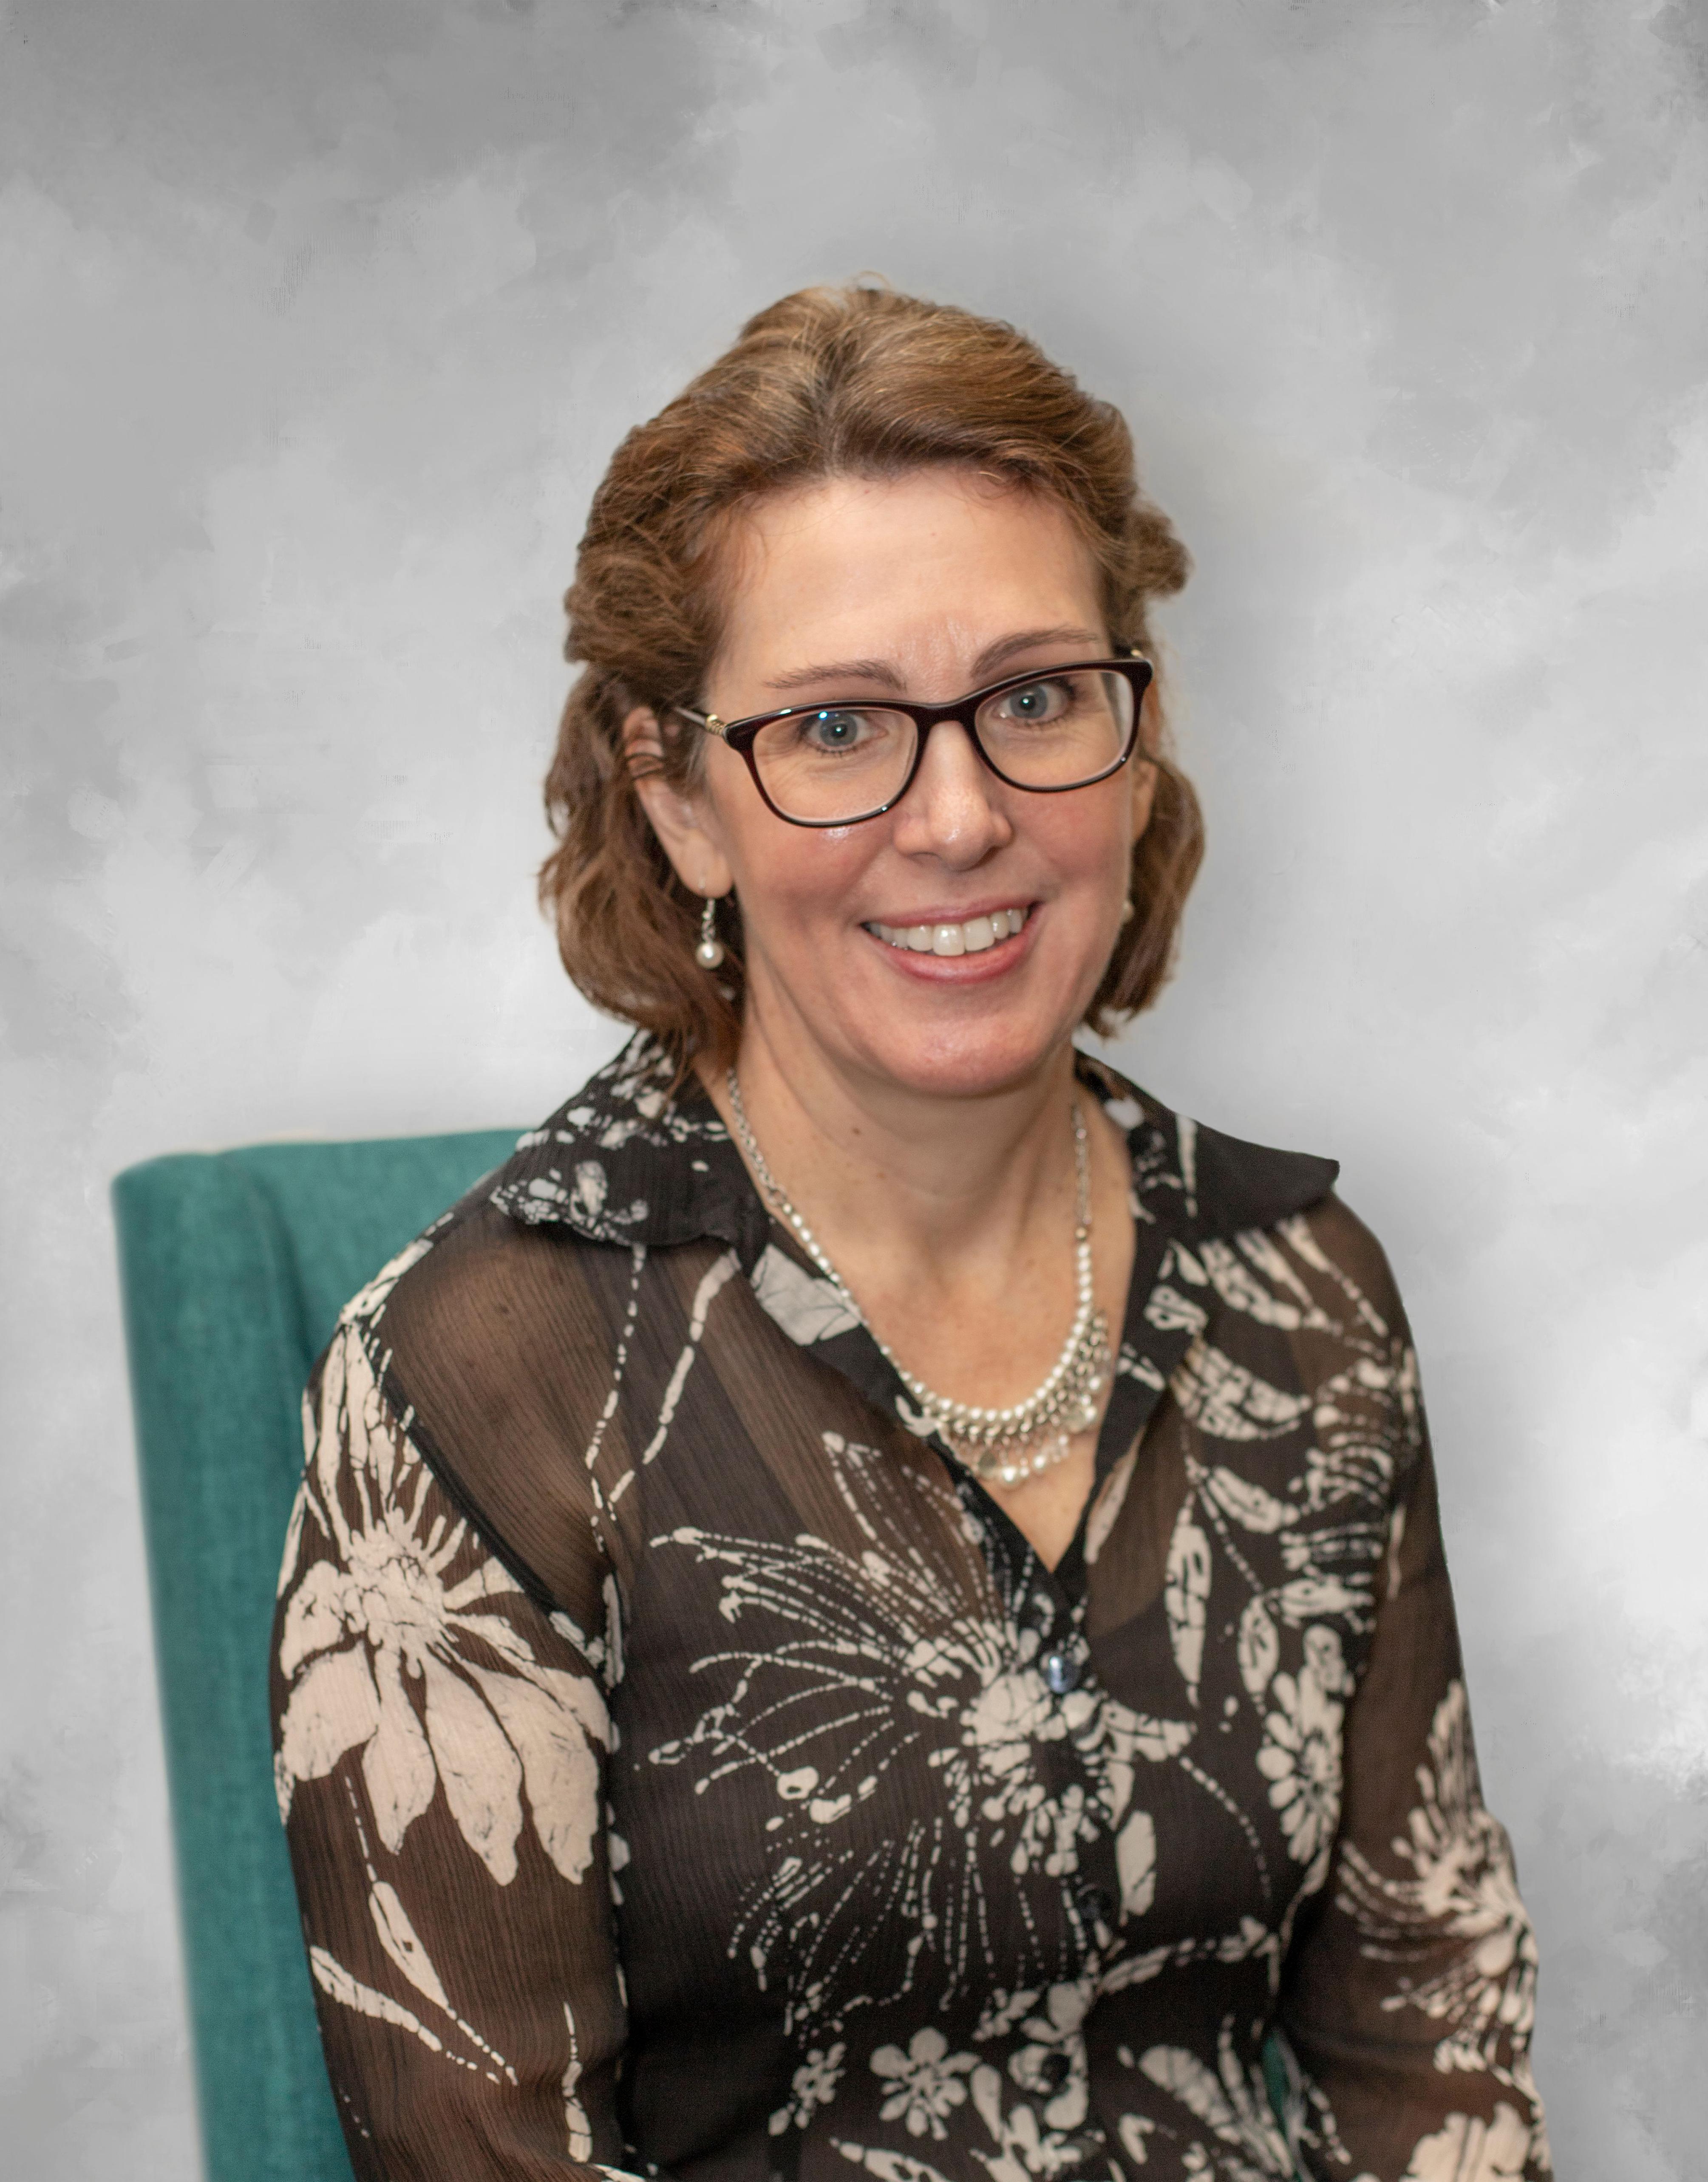 Amy Duranto